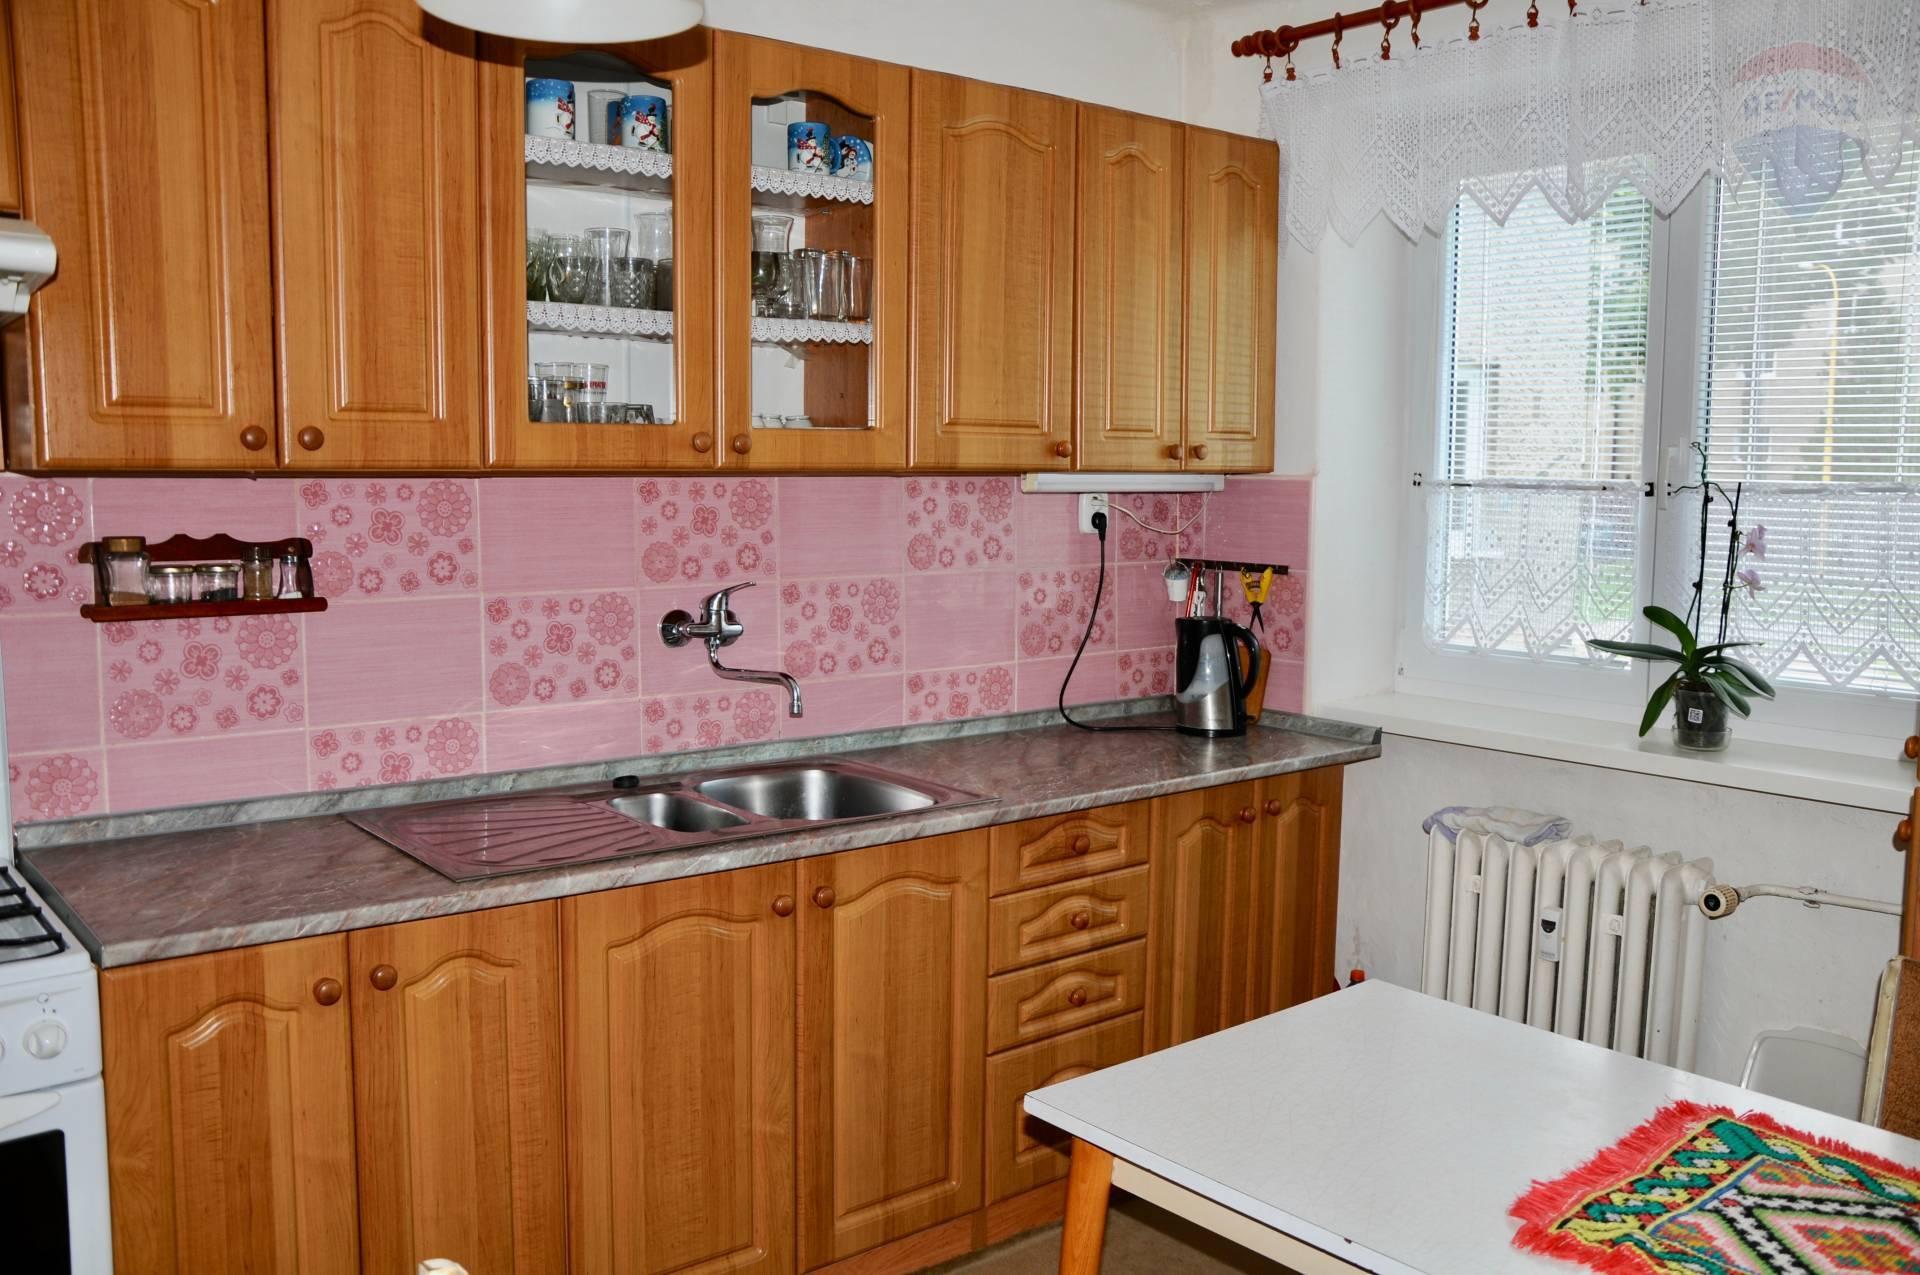 Predaj bytu (2 izbový) 67 m2, Prievidza - predaj 2-izbový byt Prievidza Staré sídlisko pôvodný stav